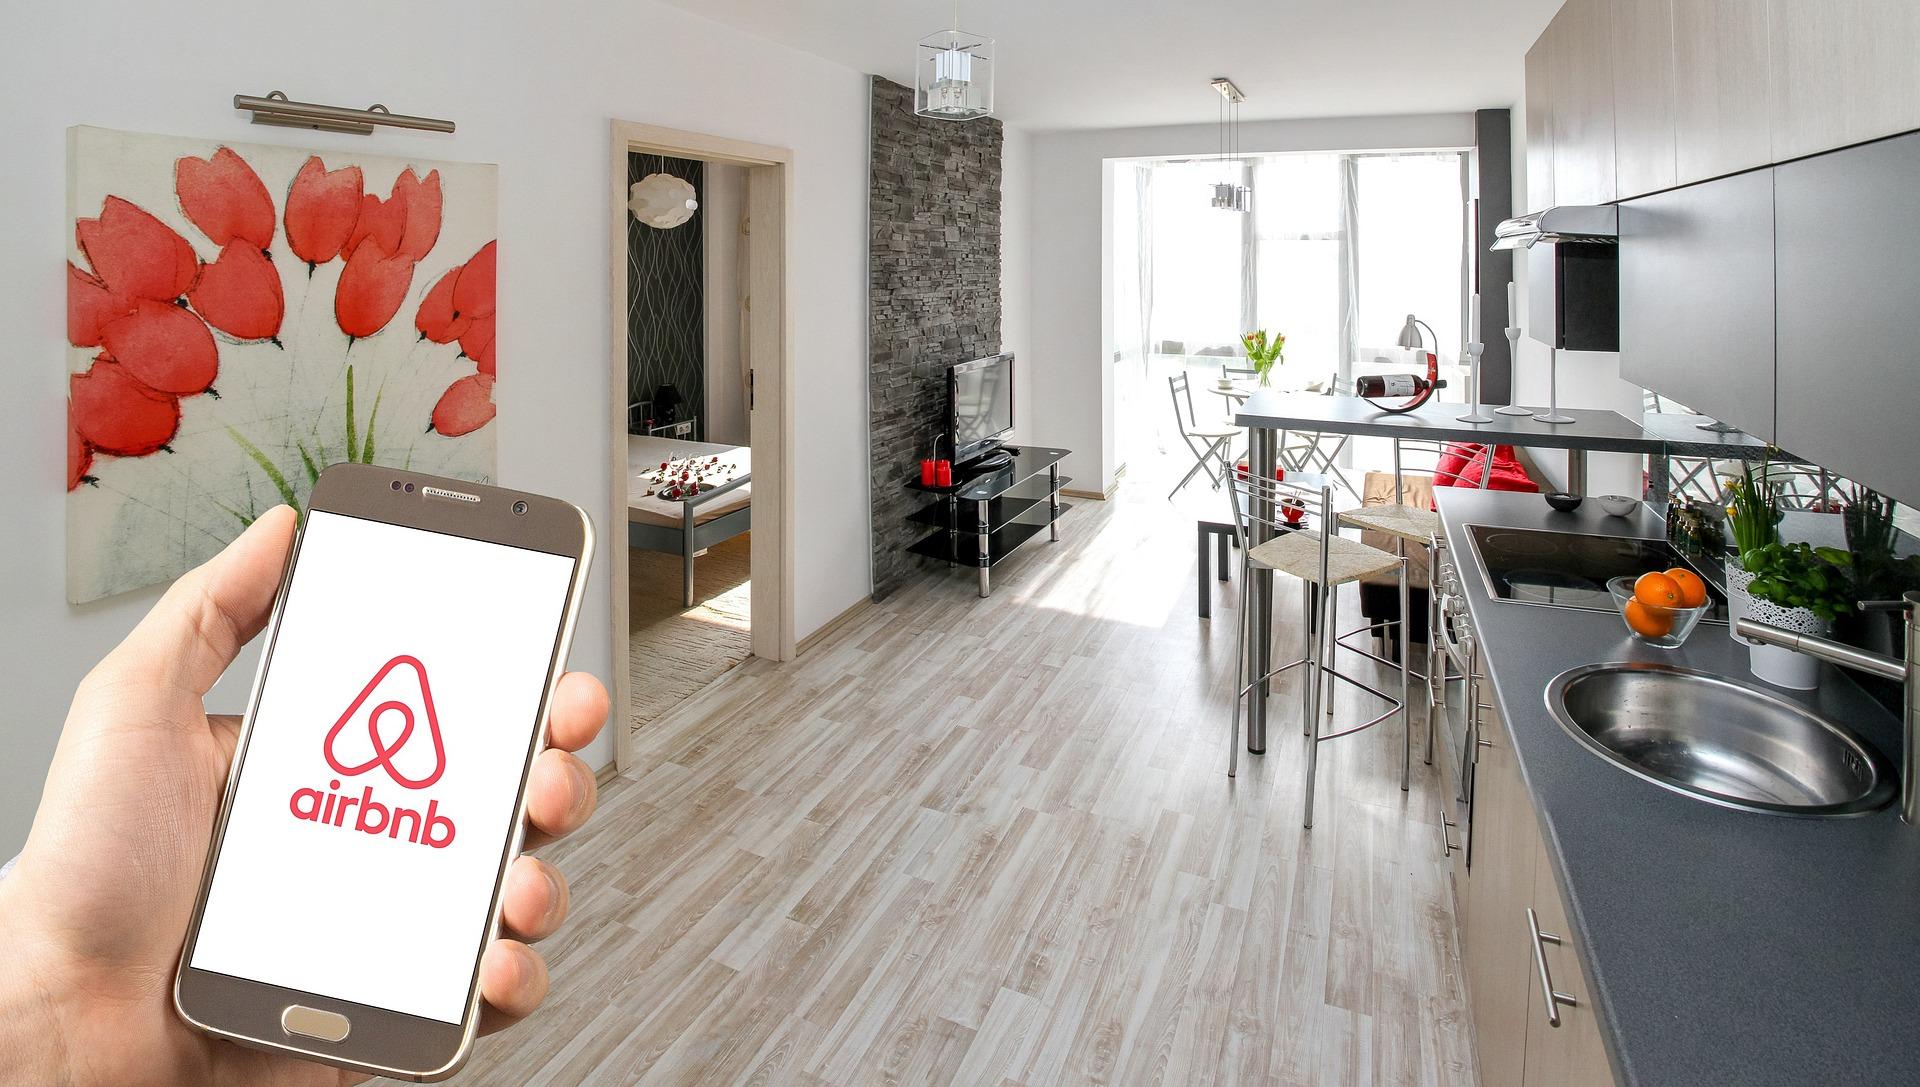 France : Airbnb condamnée à une amende de 300 000 euros